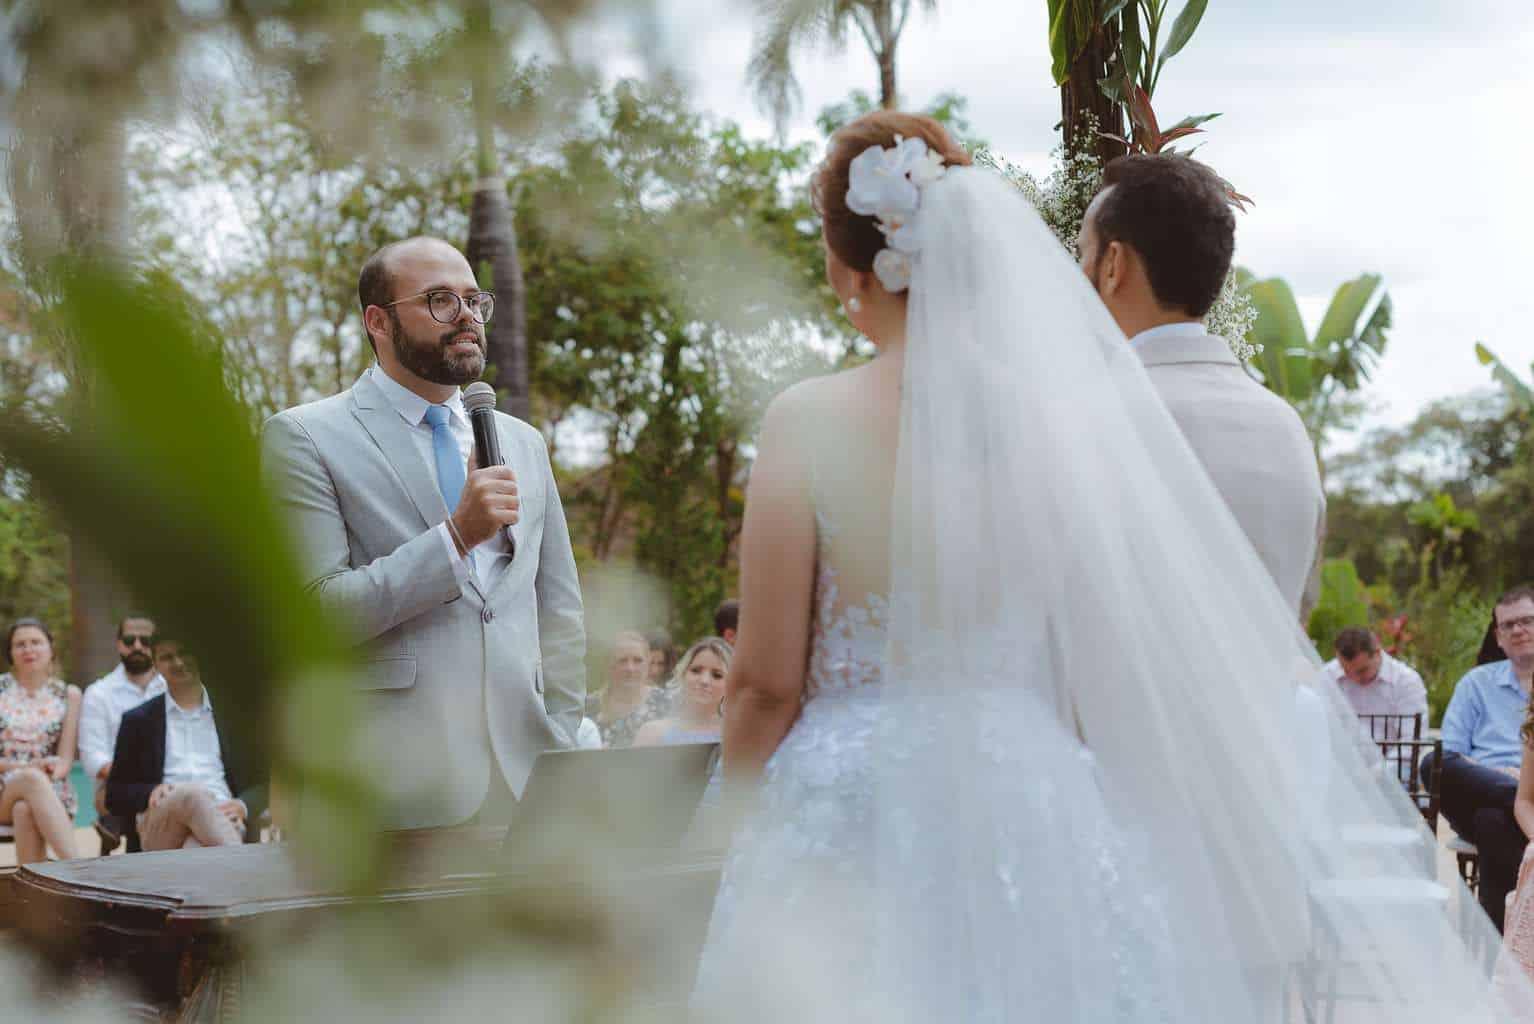 casamento-ao-ar-livre-casamento-boho-casamento-geek-casamento-rustico-casamento-Thais-e-Pedro-cerimônia-decor-cerimônia-Revoar-Fotografia-Villa-Borghese-Eventos-28